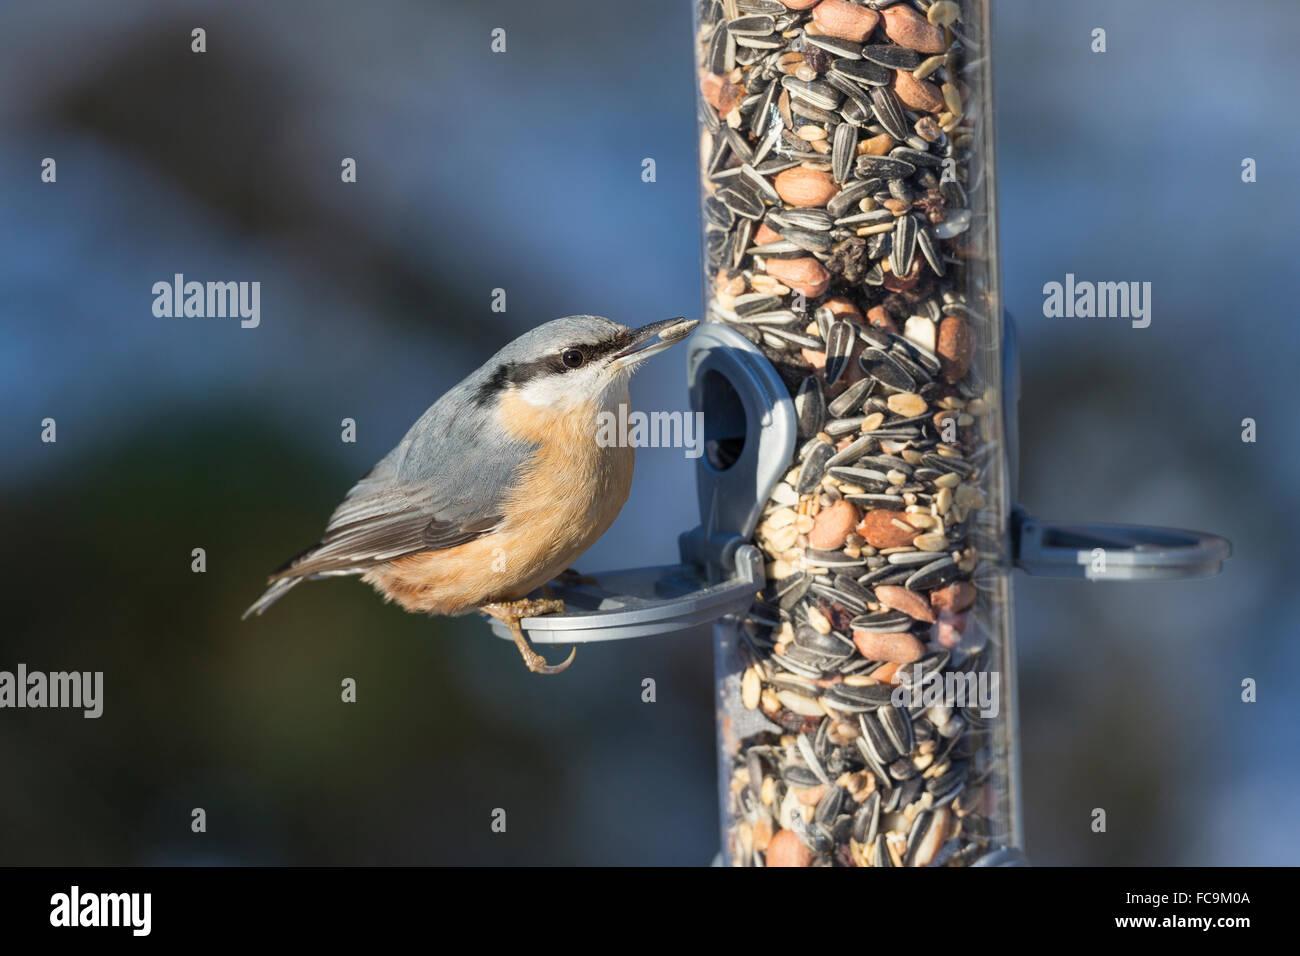 Nuthatch, bird's feeding, snow, Kleiber, Spechtmeise, Vogelfütterung, Winter, Schnee, Sitta europaea, Sittelle - Stock Image